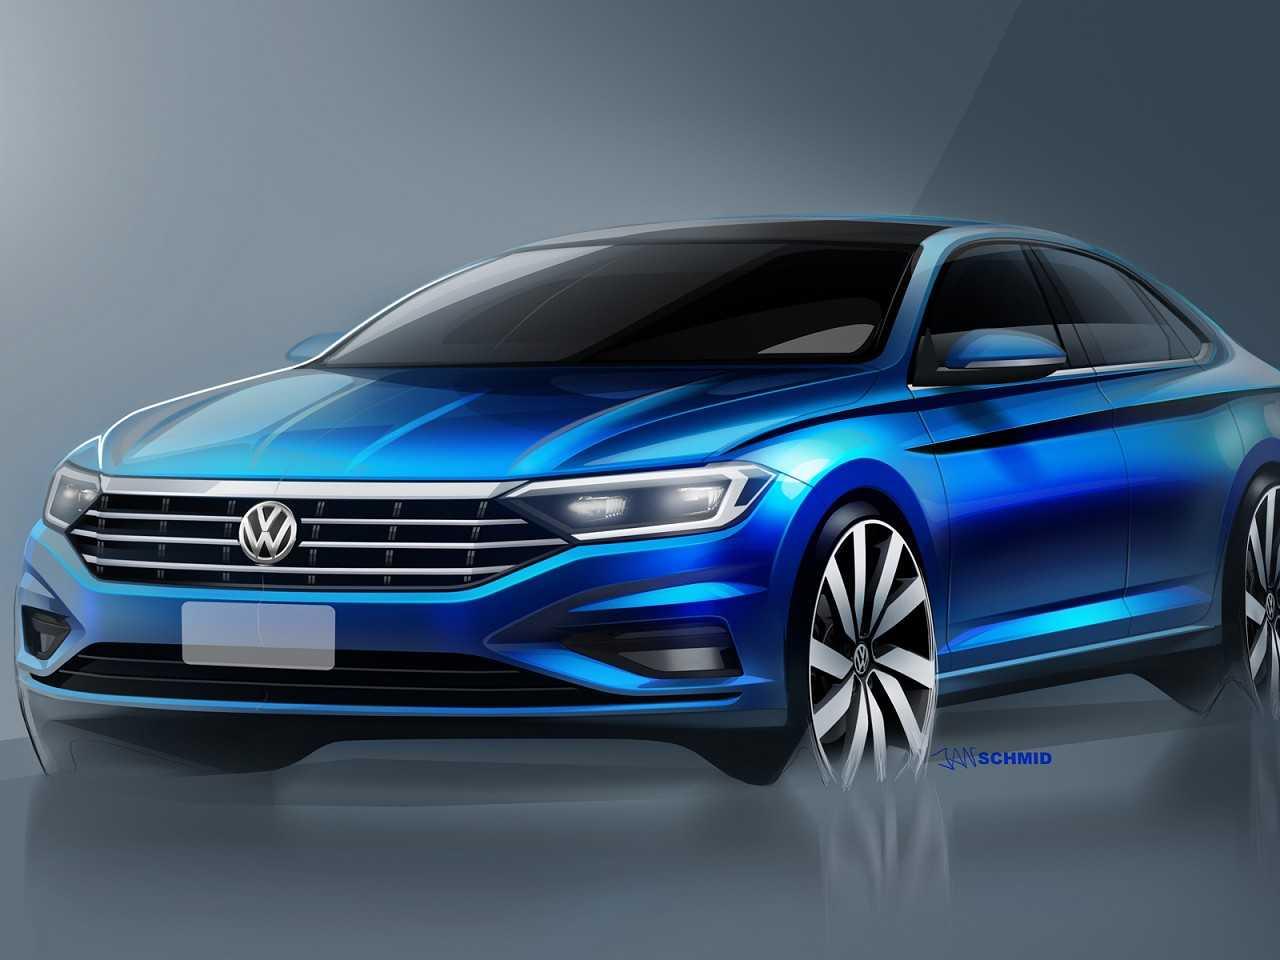 Ilustração antecipando detalhes do novo Volkswagen Jetta 2019